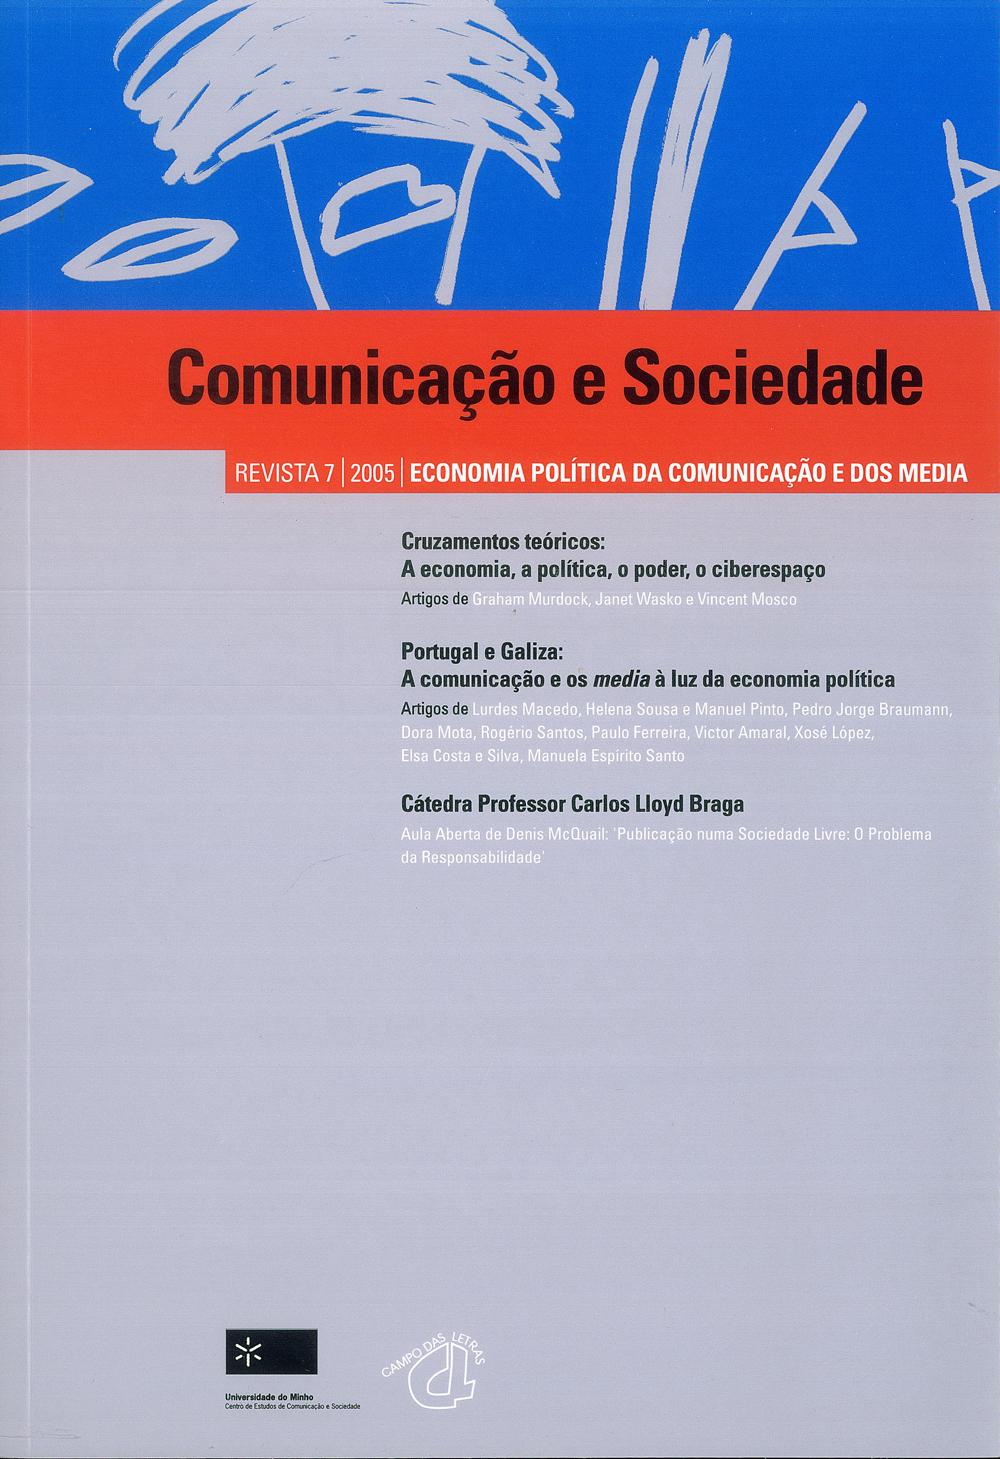 Comunicação e Sociedade, 7